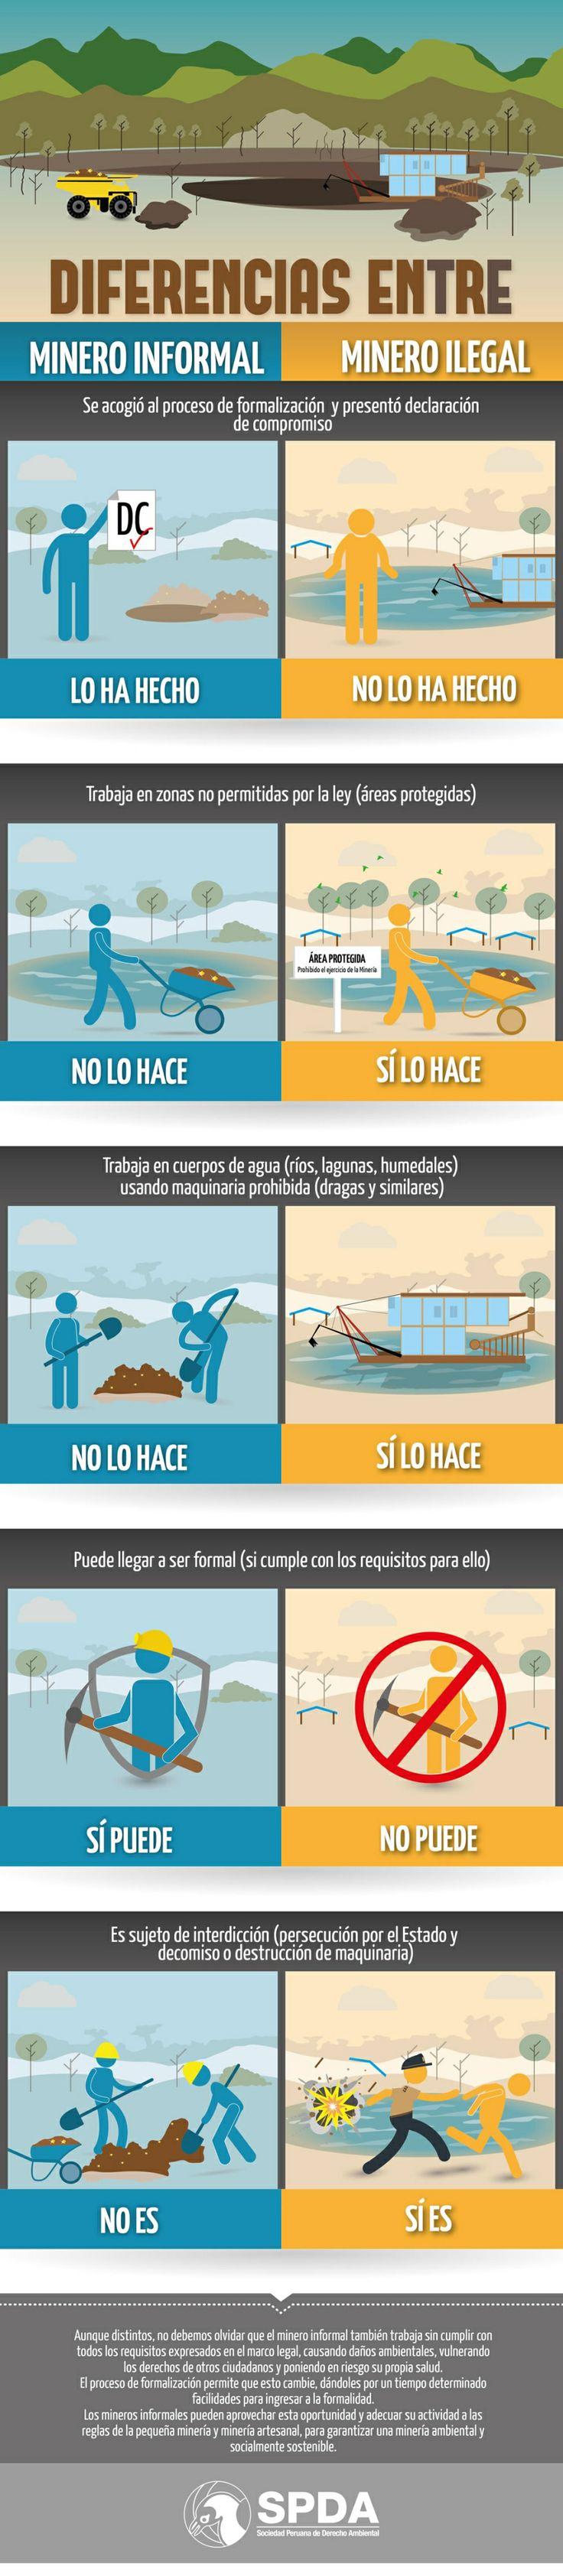 Noticia: Infografía: diferencias entre minero ilegal y minero informal